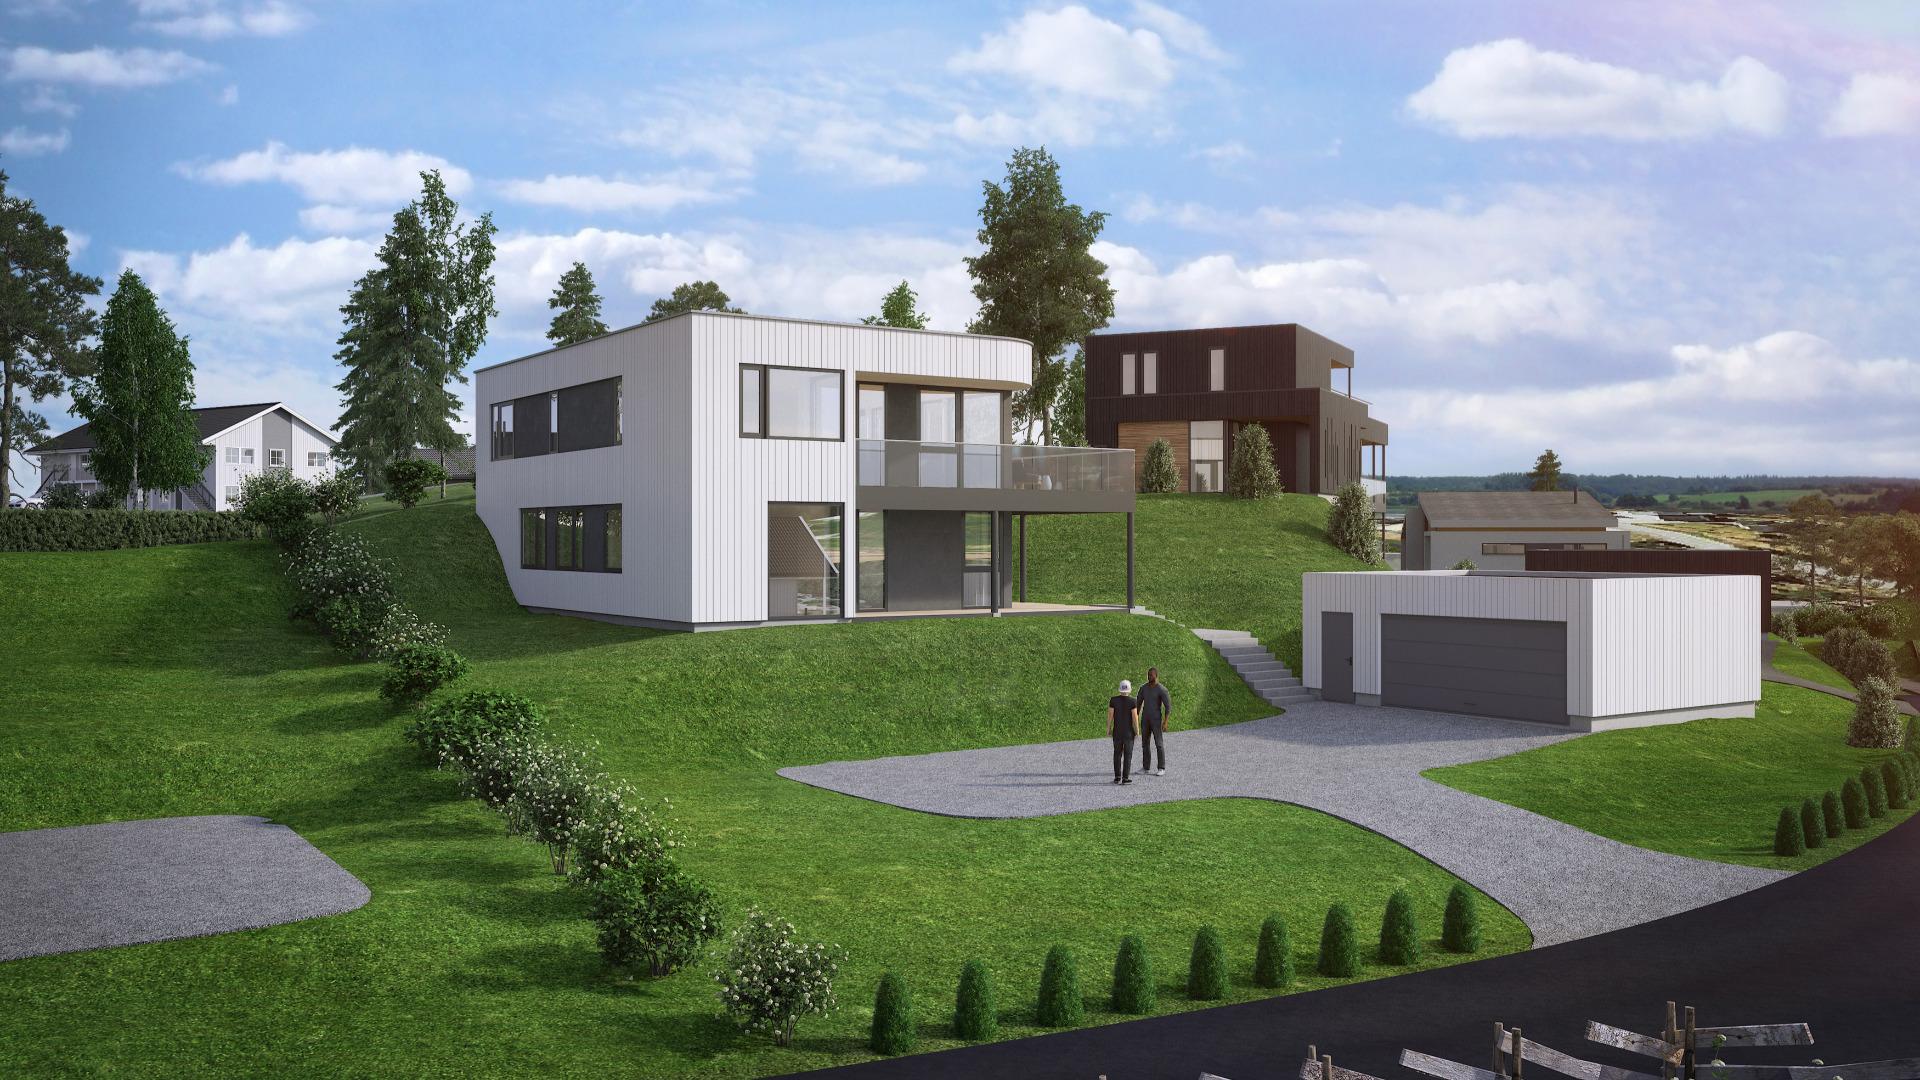 Forslag til bolig på tomt 41 på Trollåsen